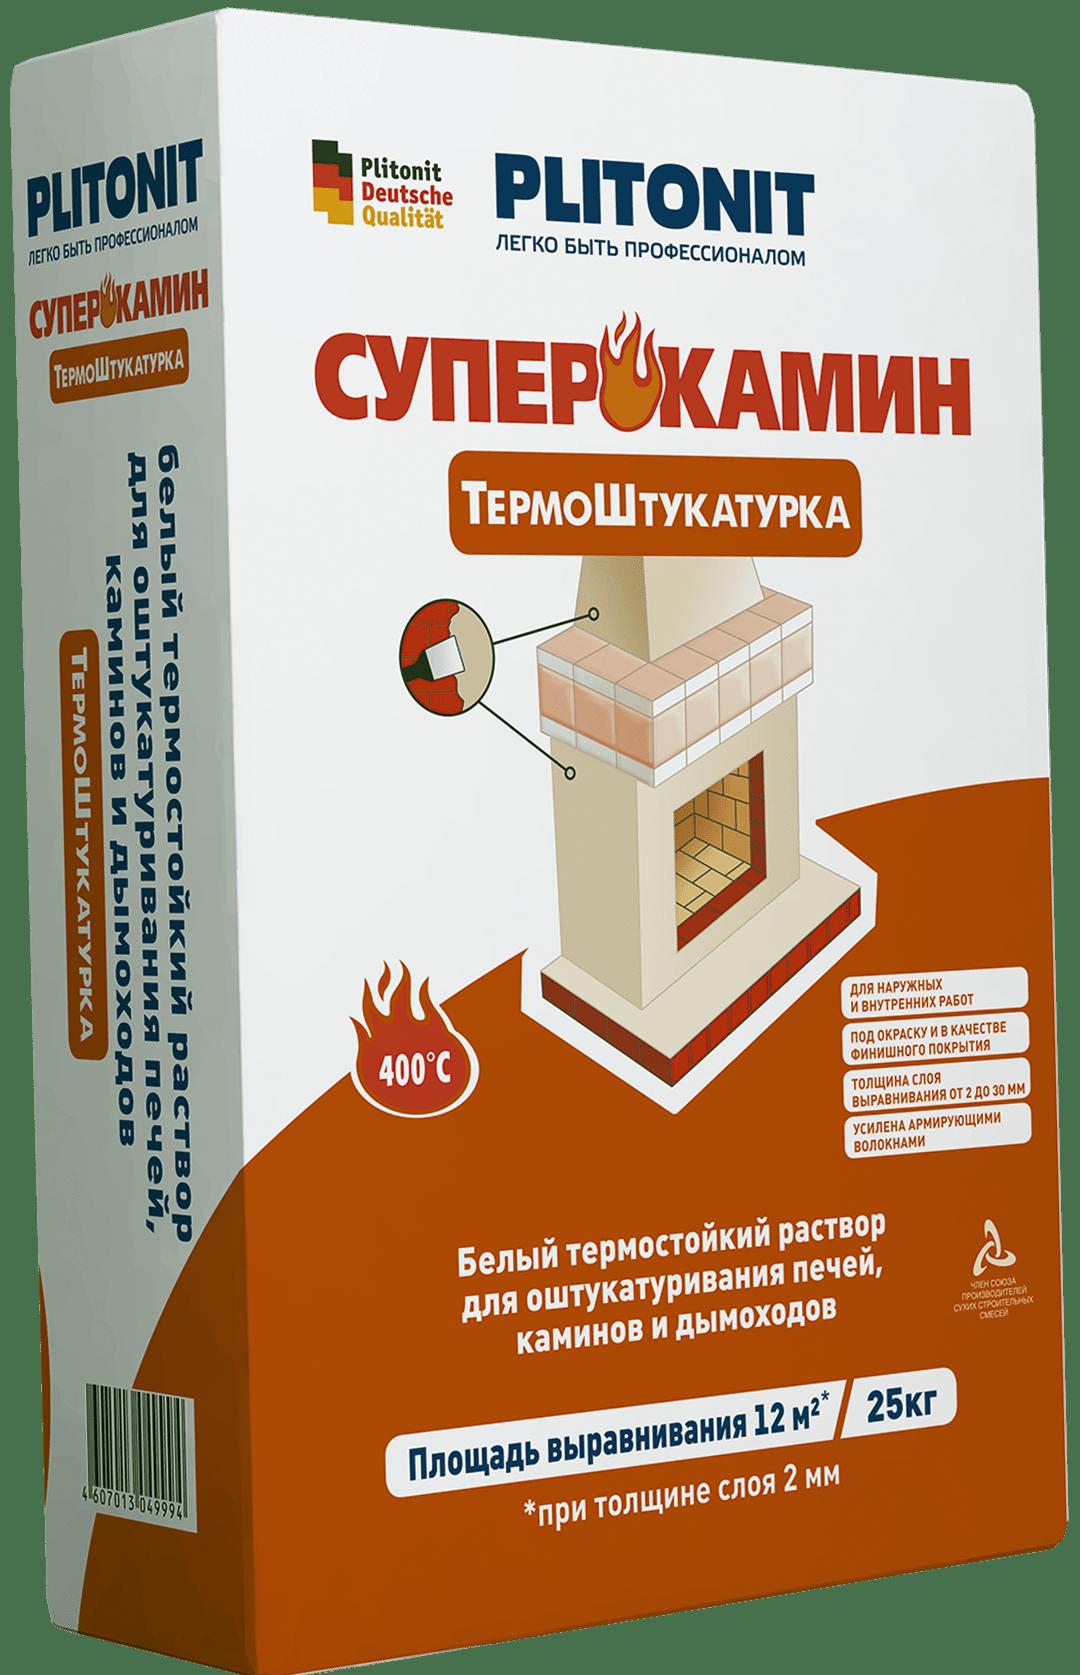 ПЛИТОНИТ ТермоШтукатурка белая - 25 кг для отделки печей и каминов